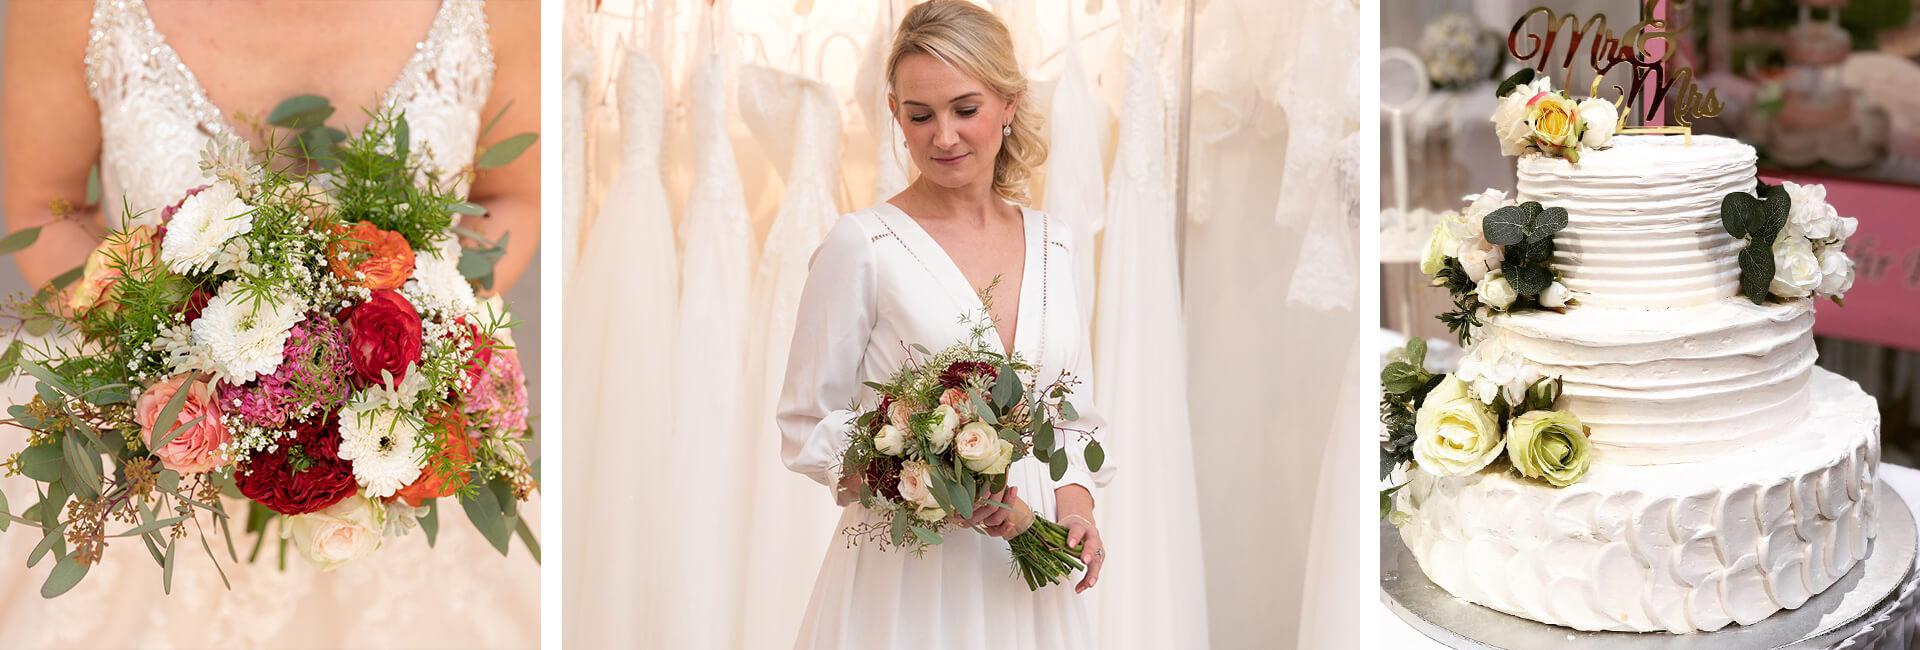 Fotocollage Impressionen von der Hochzeitsmesse in Bad Salzuflen